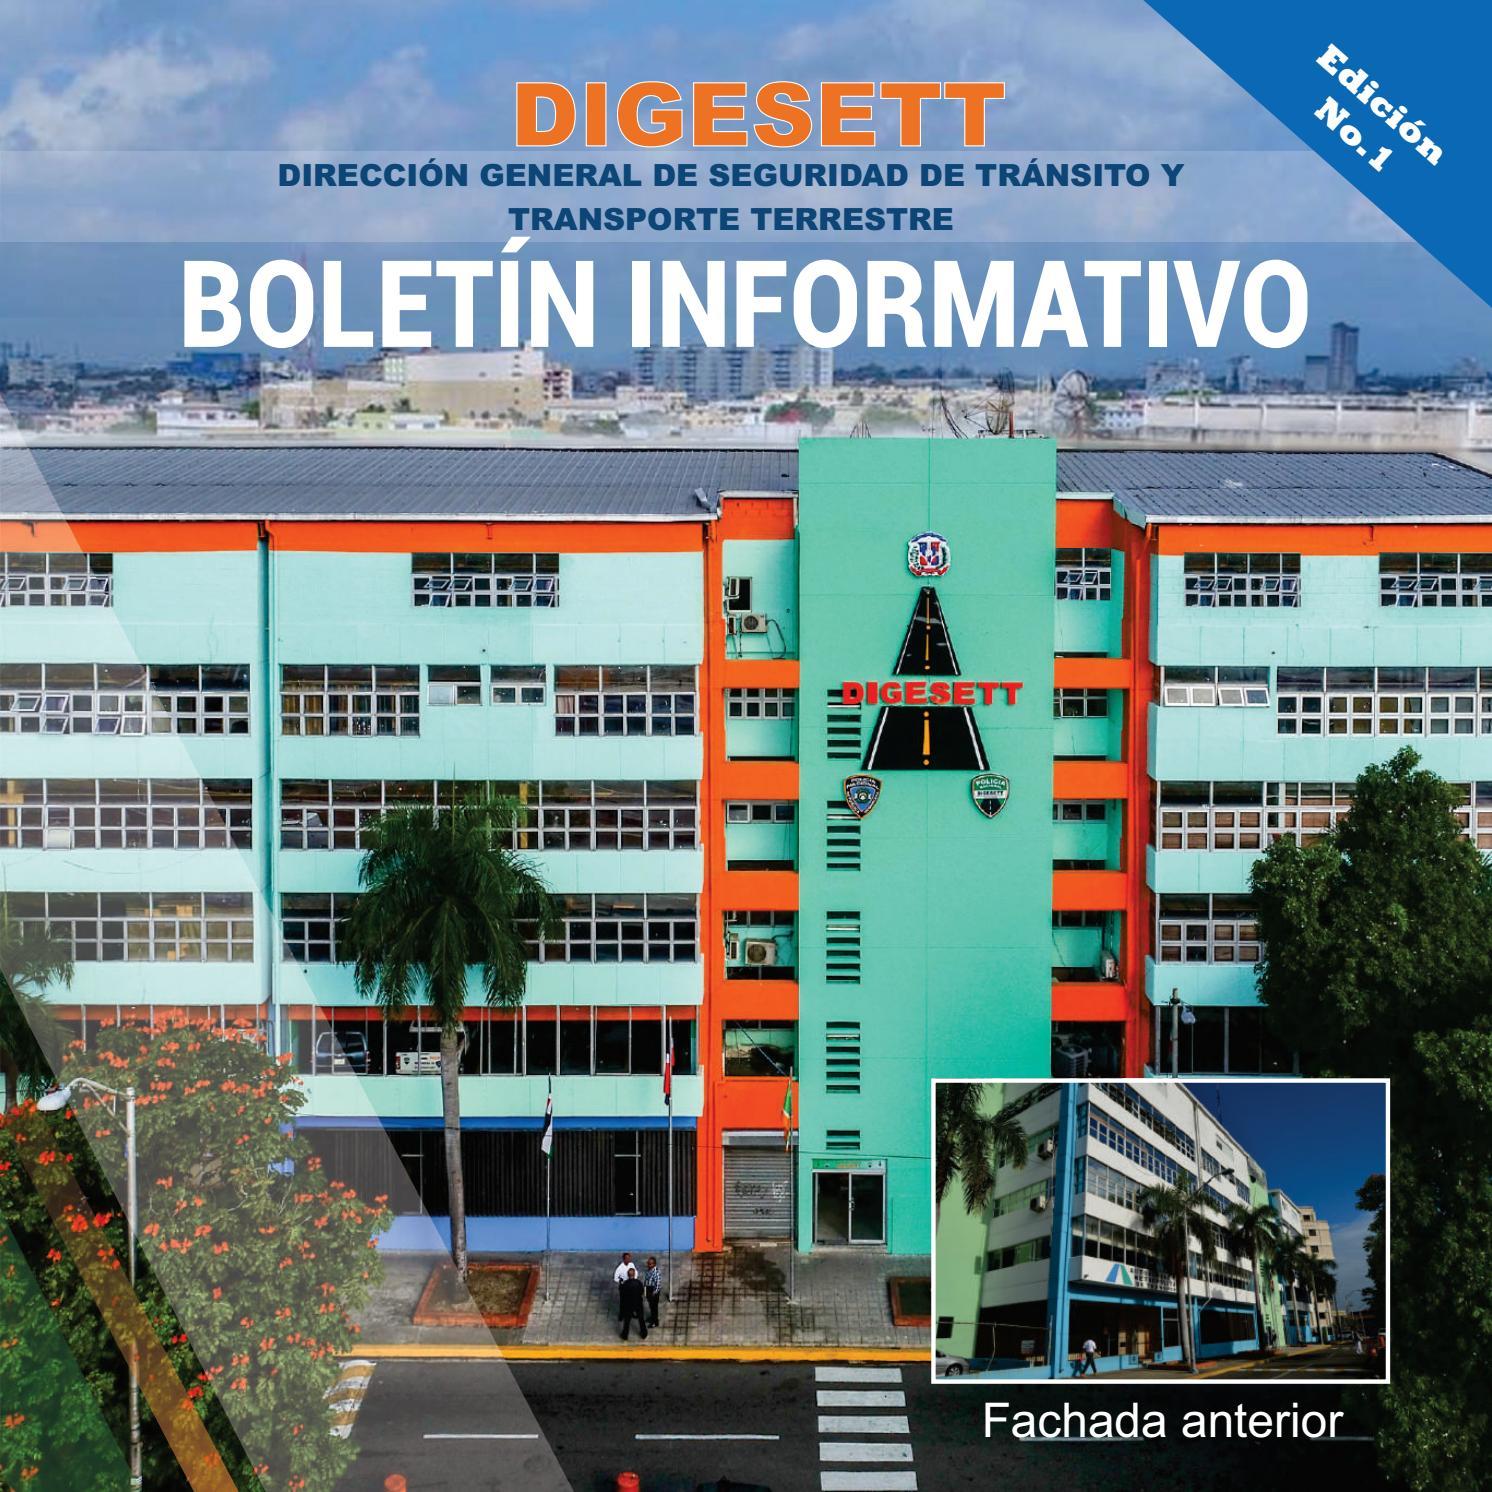 Boletín Digesett No 1 Nov 2017 Marzo 2018 By Digesett Issuu